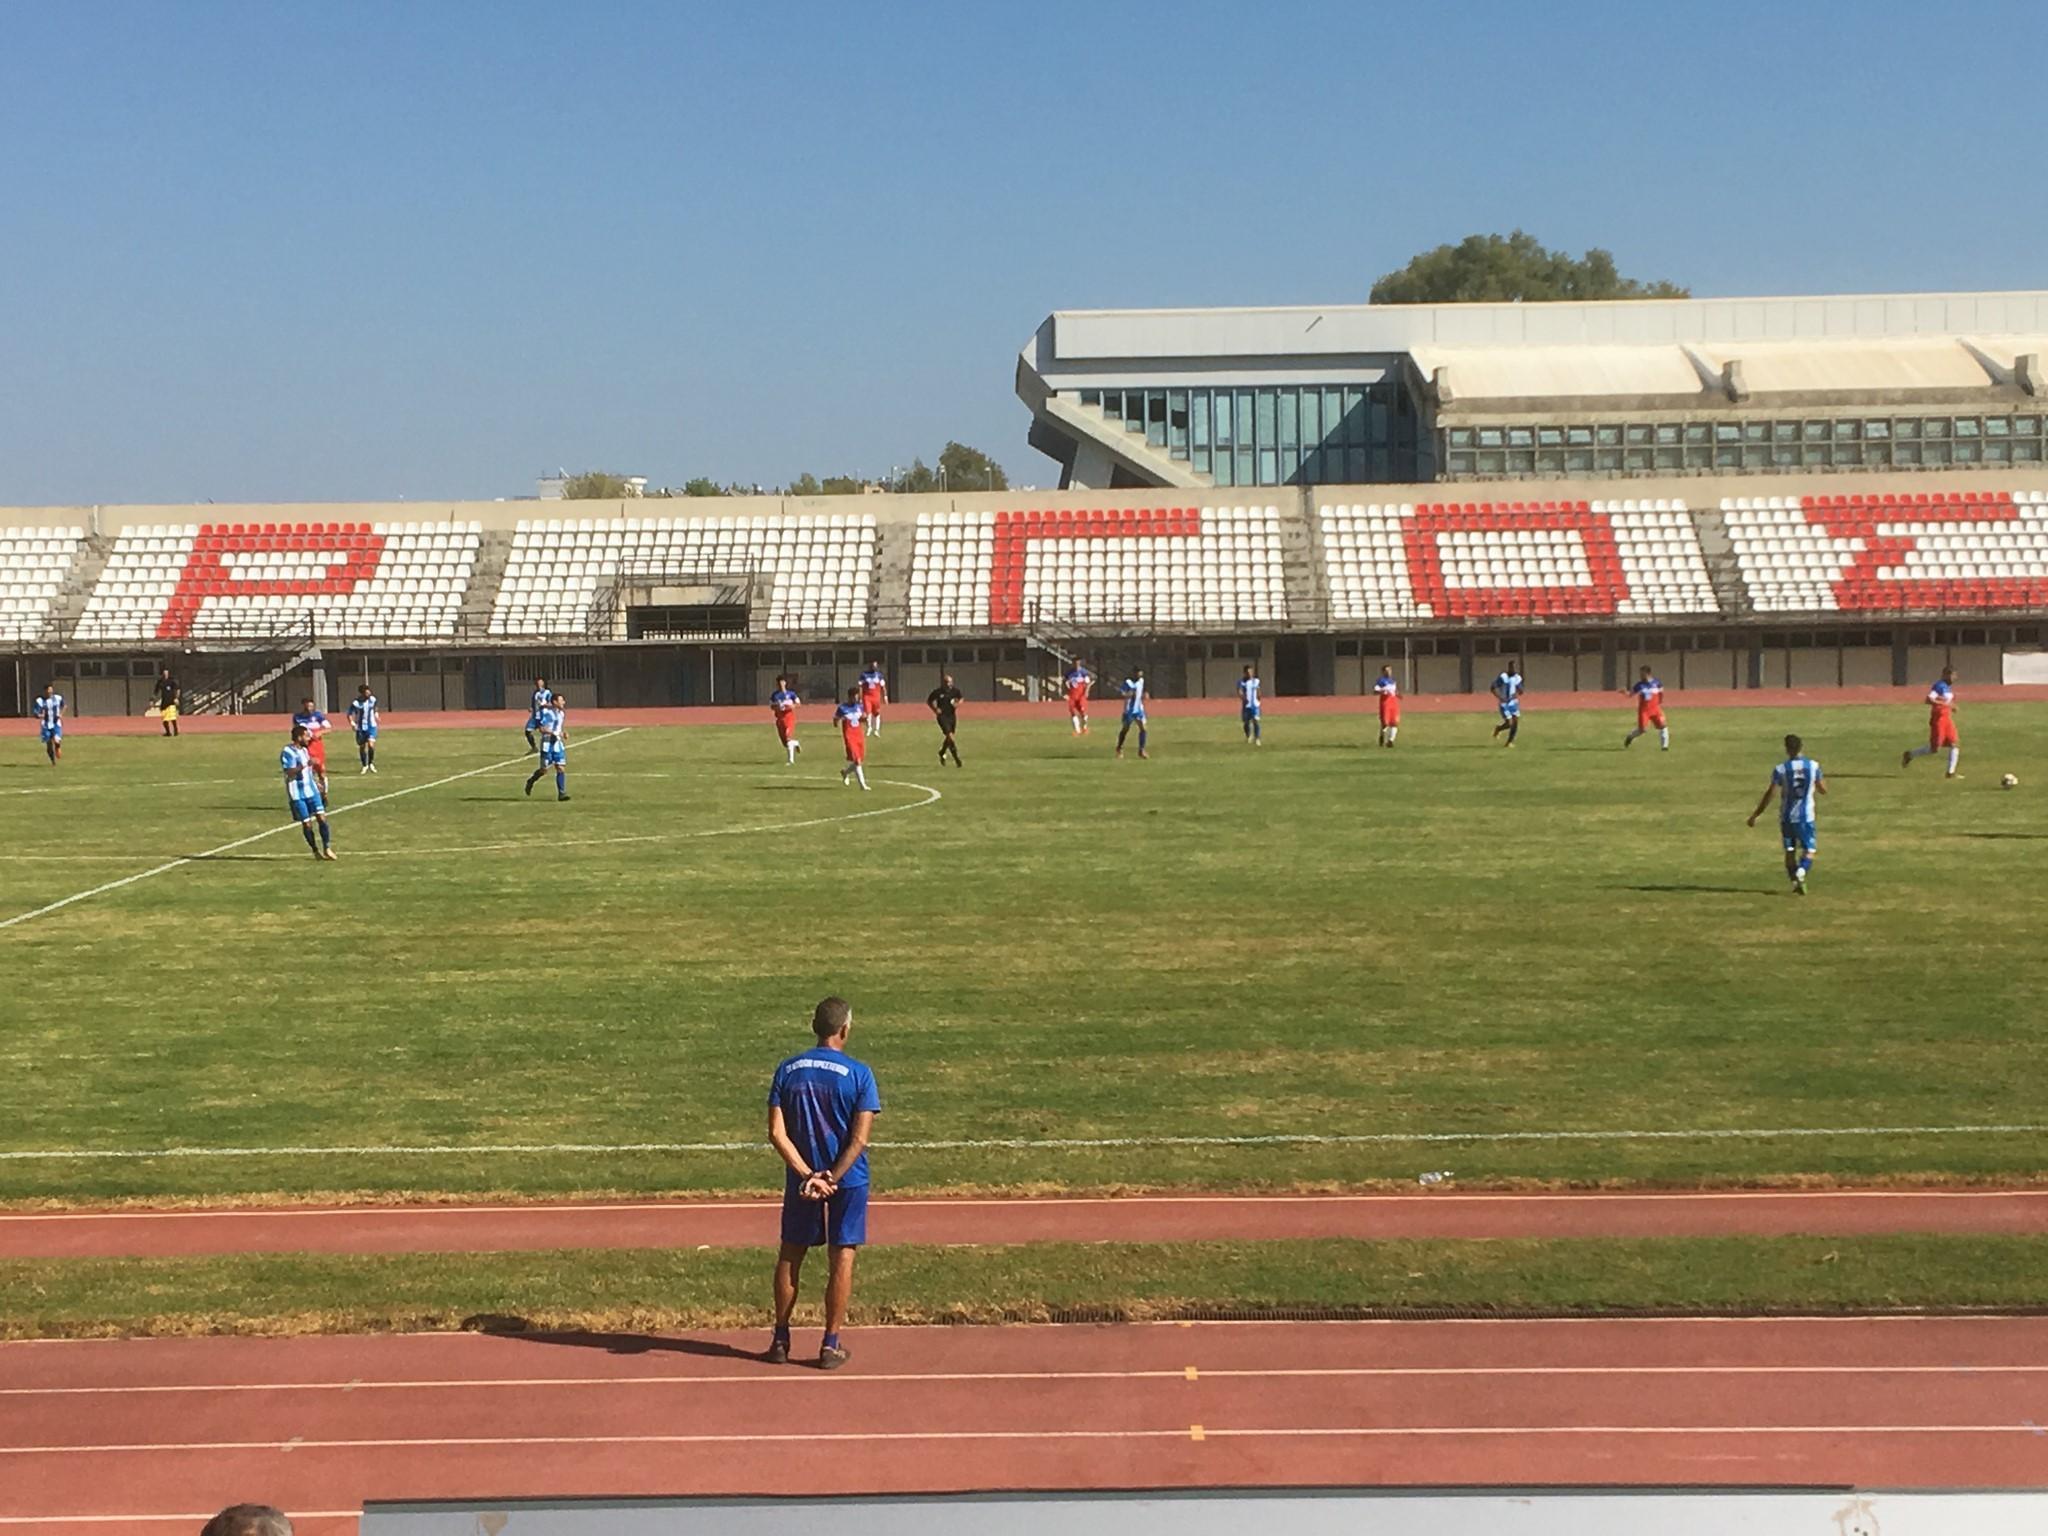 Ξενοφών Κρεστένων- Αιγάλεω 1-2 στον Πύργο για το Κύπελλο Ελλάδας- Πίστεψαν και παίζοντας ψυχωμένα οι παίκτες της Κρέστενας έχασαν στις καθυστερήσεις την πρόκριση (photos-ΒΙΝΤΕΟ)